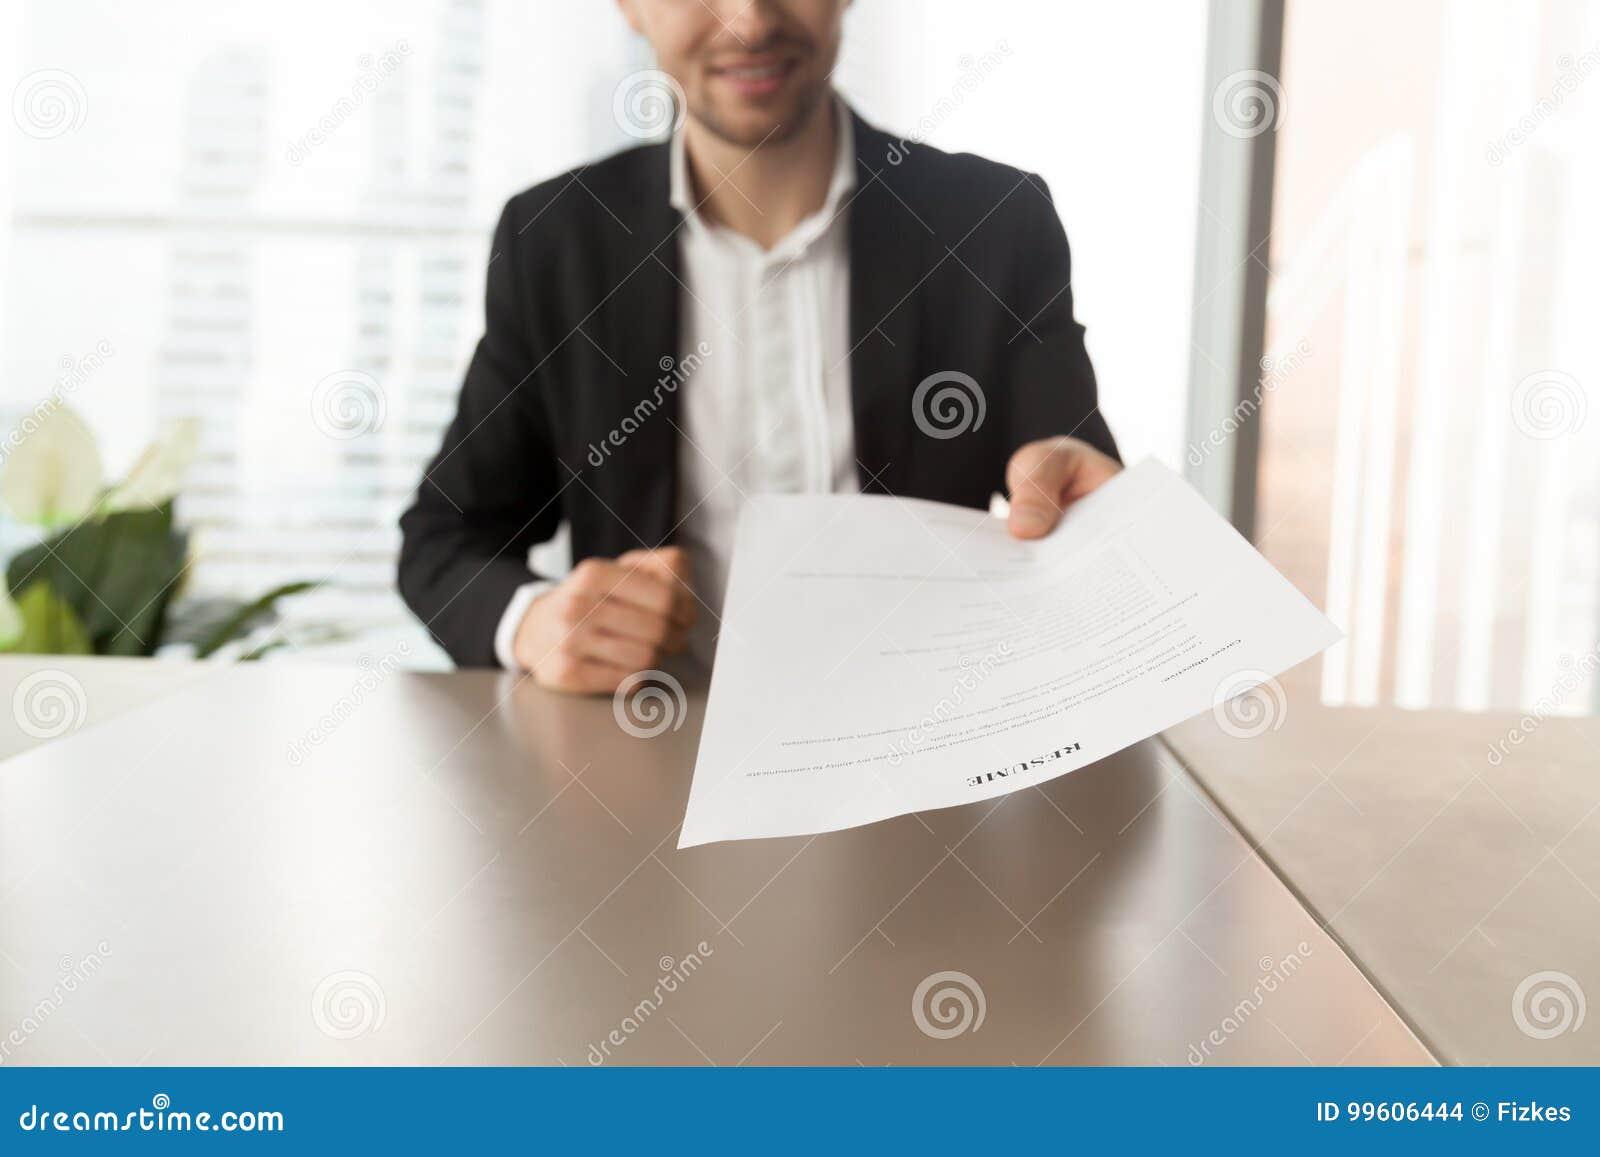 Candidato de trabajo sonriente que entrega el curriculum vitae al reclutador durante adentro